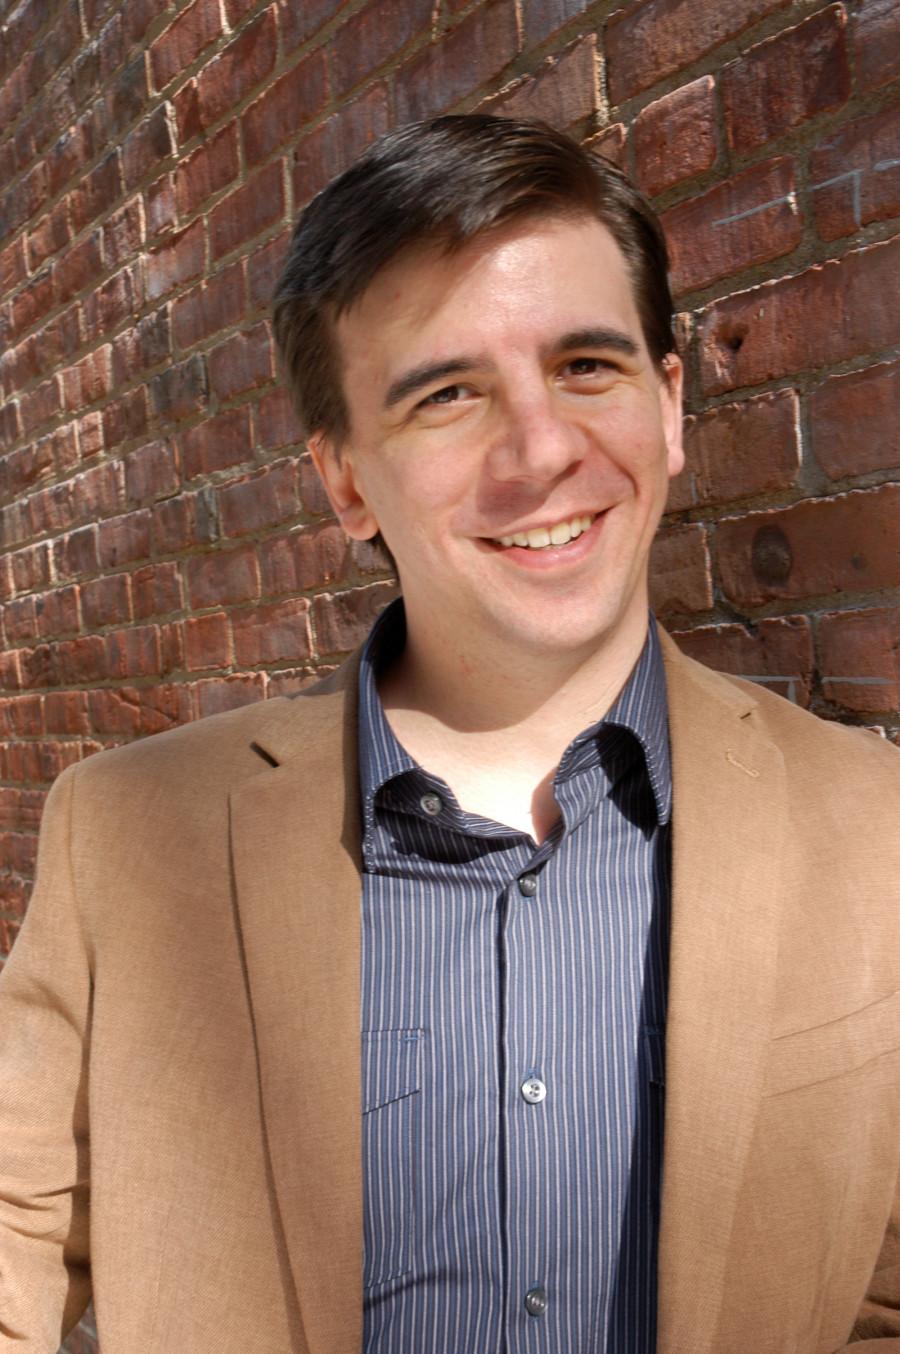 Panelist Matt Lundquist